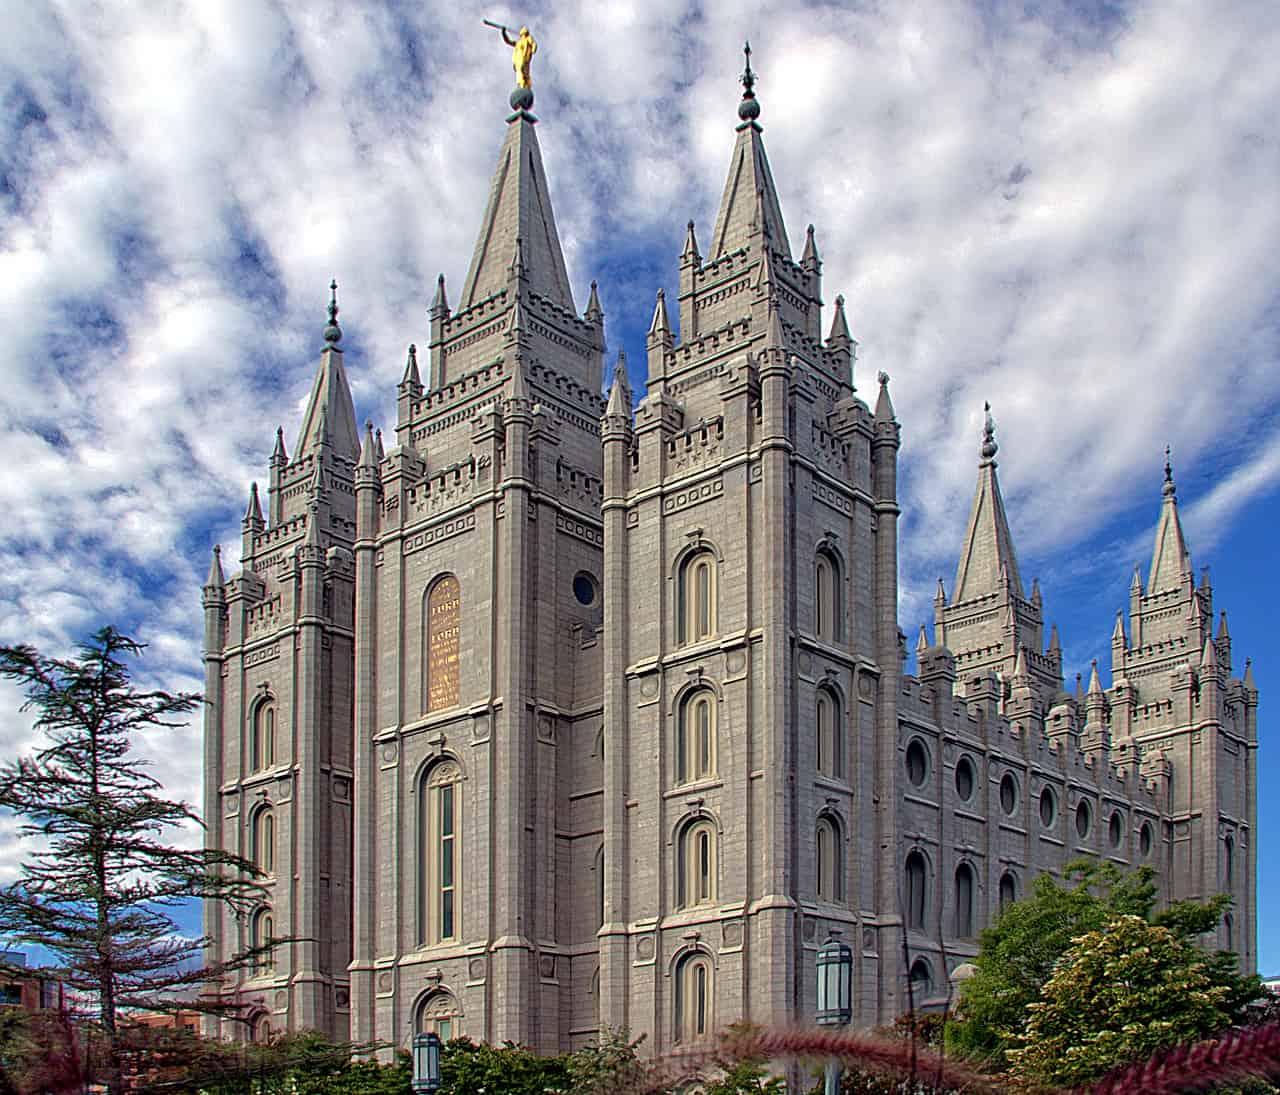 Downtown Salt Lake City Ut: Salt Lake City, Utah Top 10 Attractions